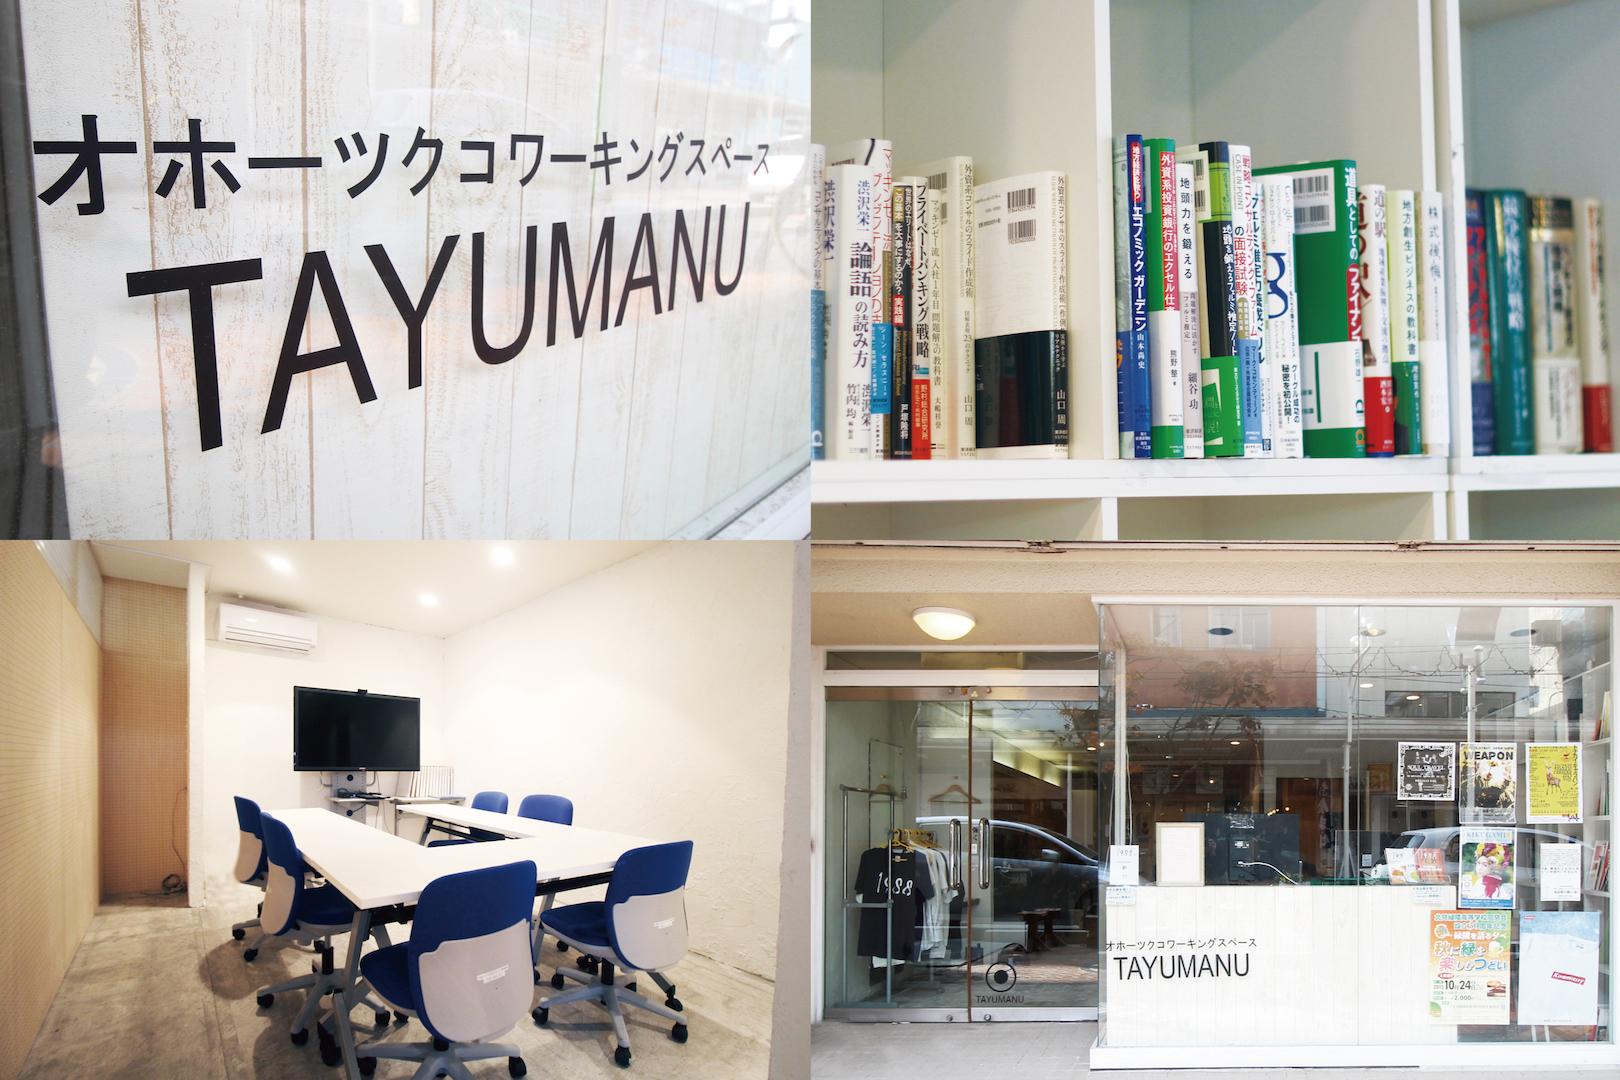 北海道北見市にあるコワーキングスペース TAYUMANU(タユマヌ)